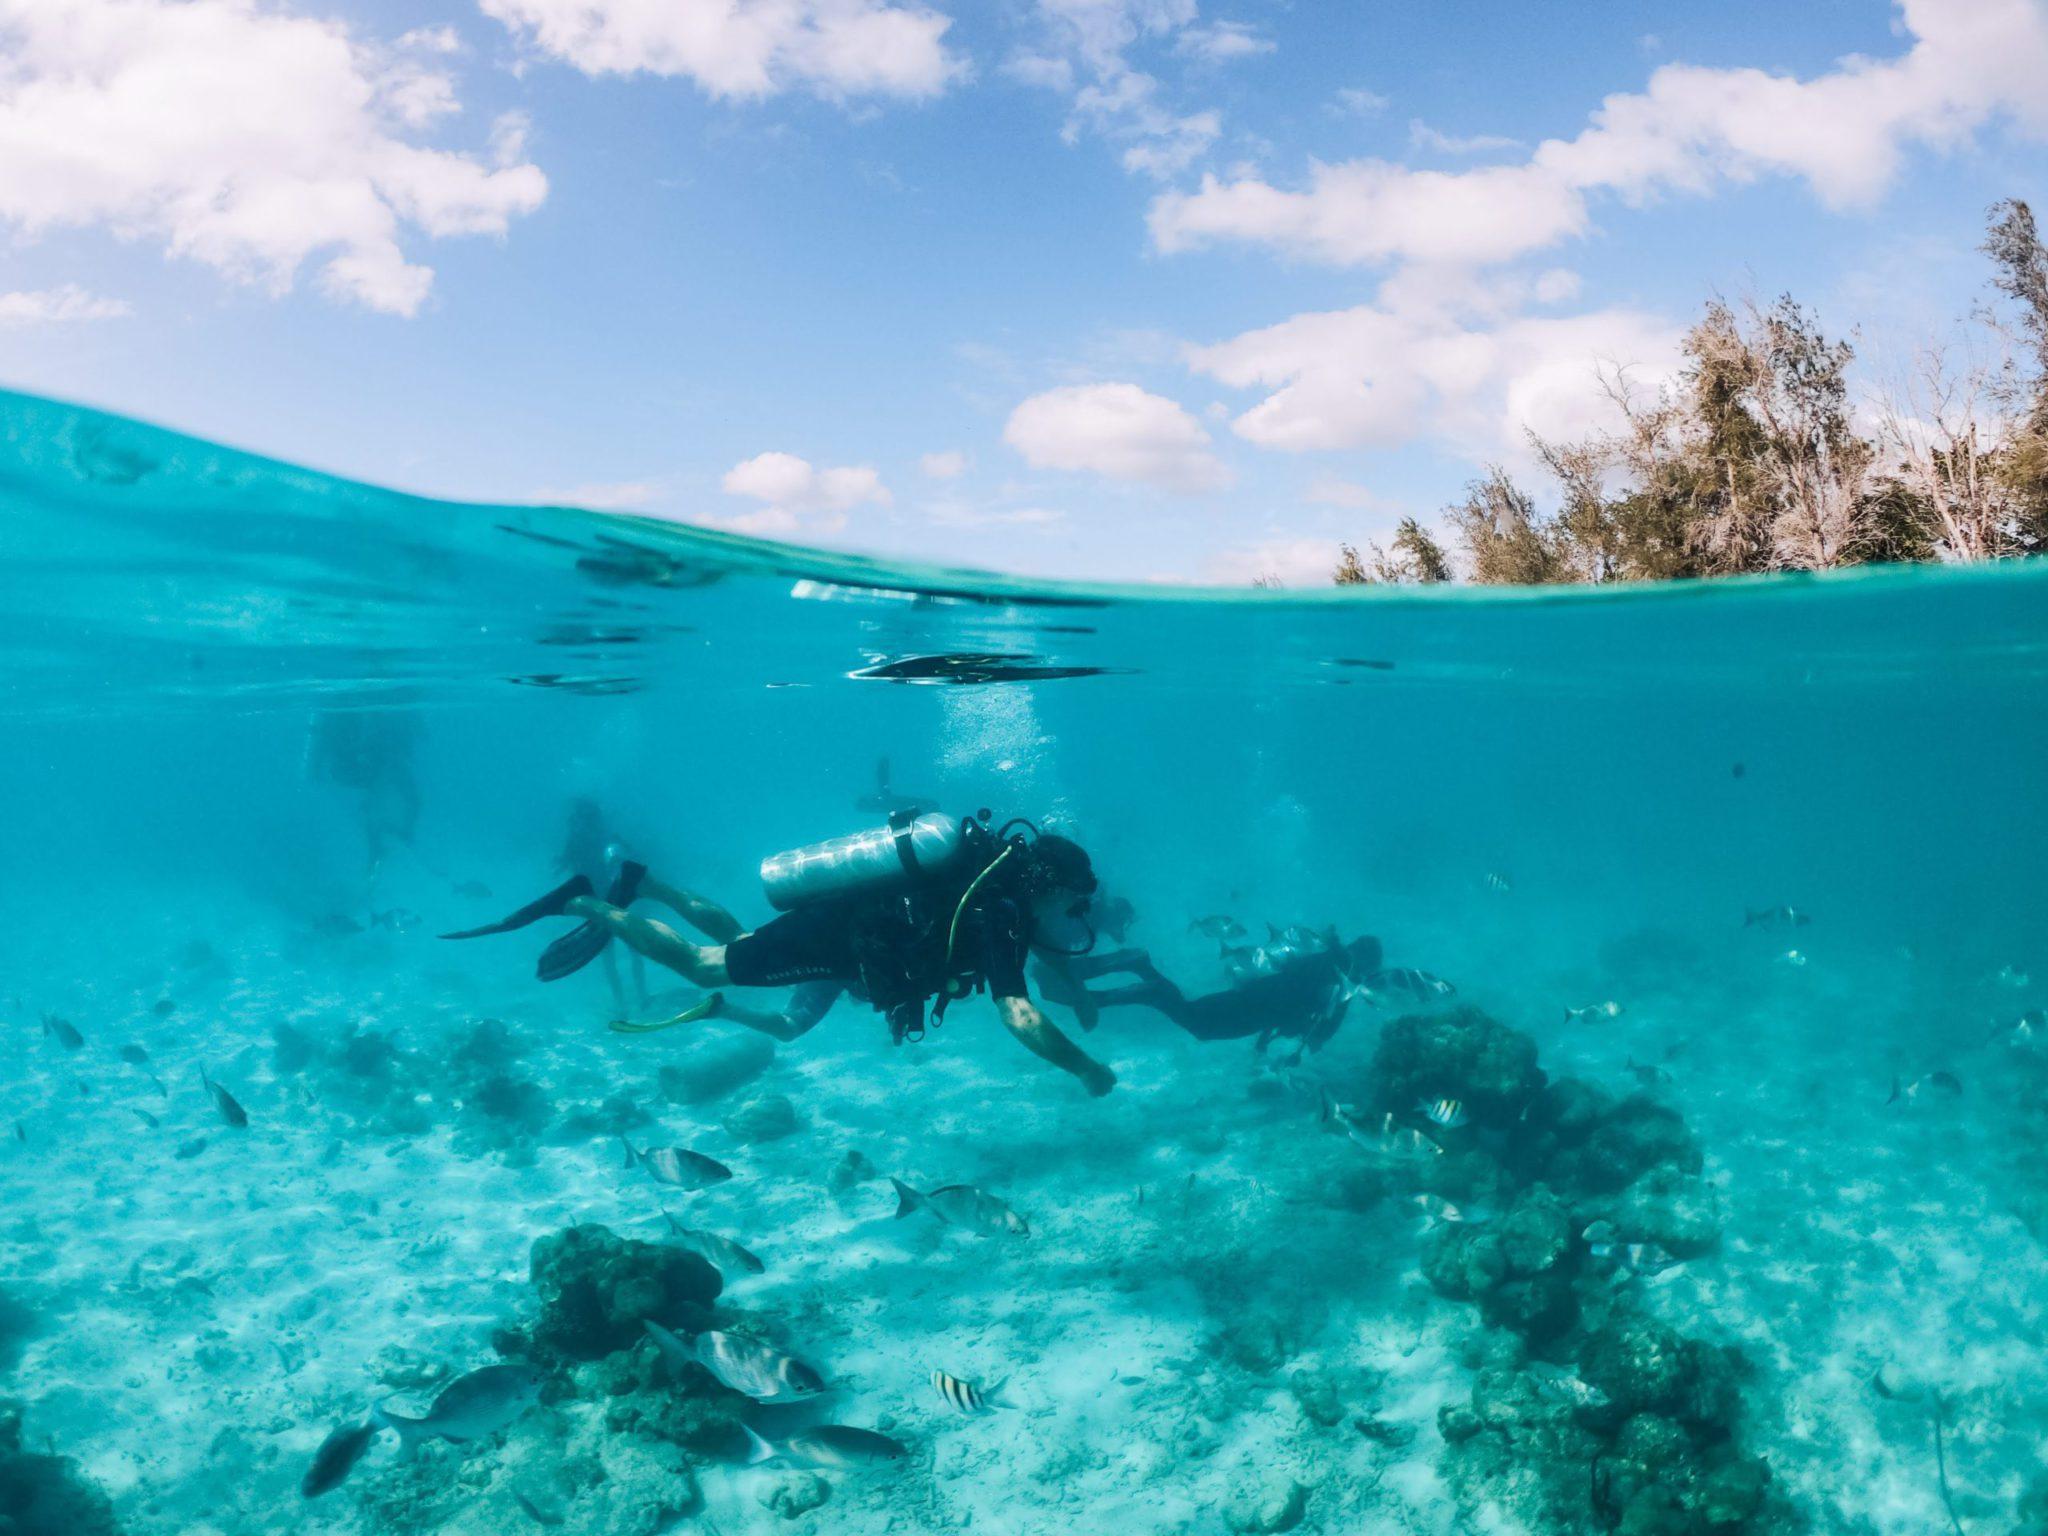 Cuban adventure tour: Multi activity holiday in Cuba